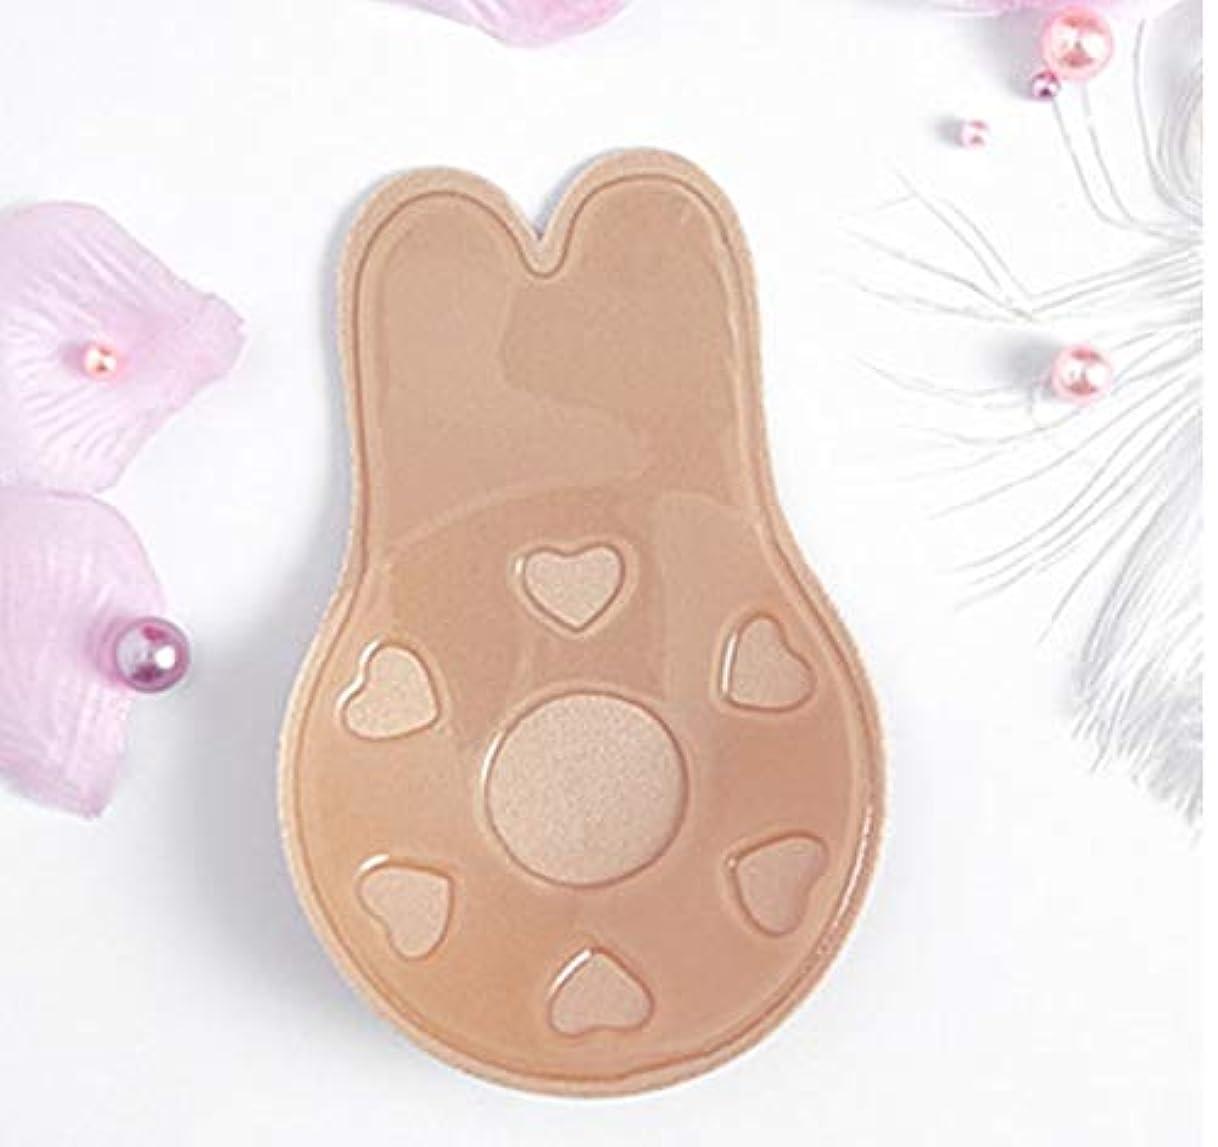 一飼料先行するLixiuqun home 3 PCS胸リフトテープはセクシーな下着アクセサリーを再利用可能な乳房乳首カバー見えない接着剤ブラジャーをプッシュアップ(ABサイズ(直径:9cm)) (色 : AB Size (diameter...